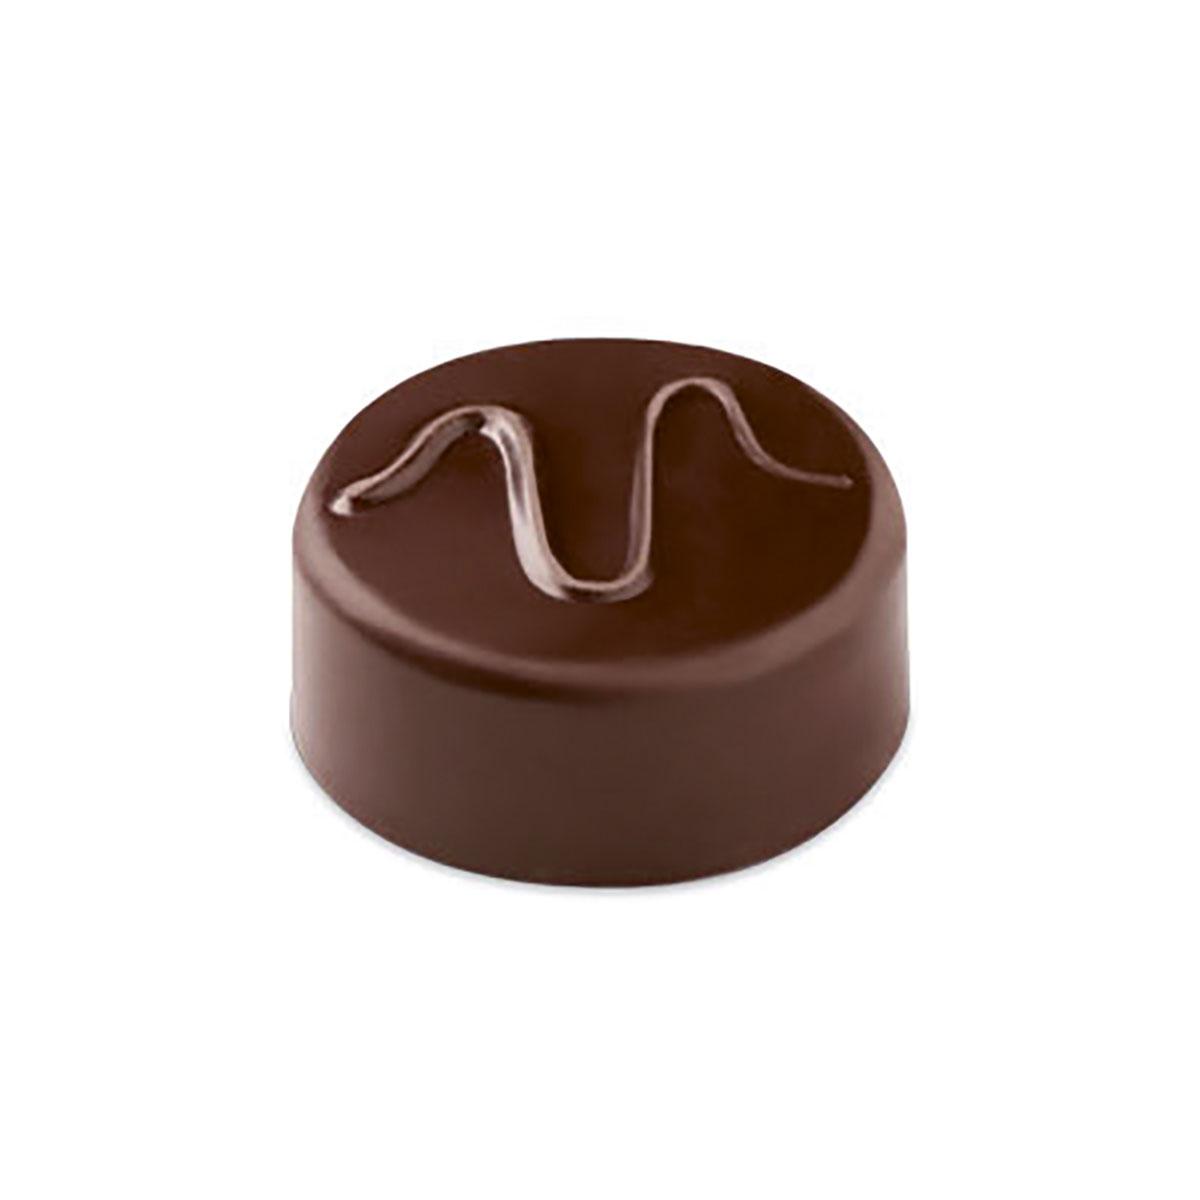 Image of   H. W. Larsen chokoladeform - Pavoni - Model 8PC102